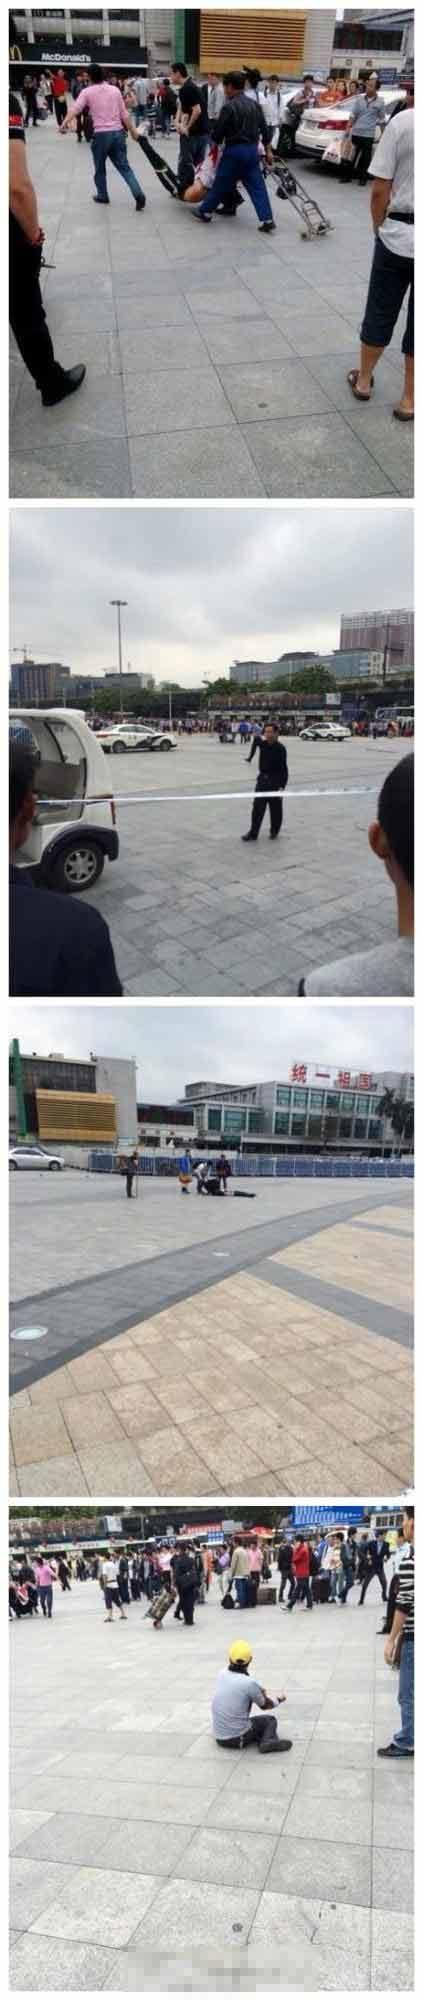 广州火车站4人持刀砍人 2名施暴者疑似逃跑